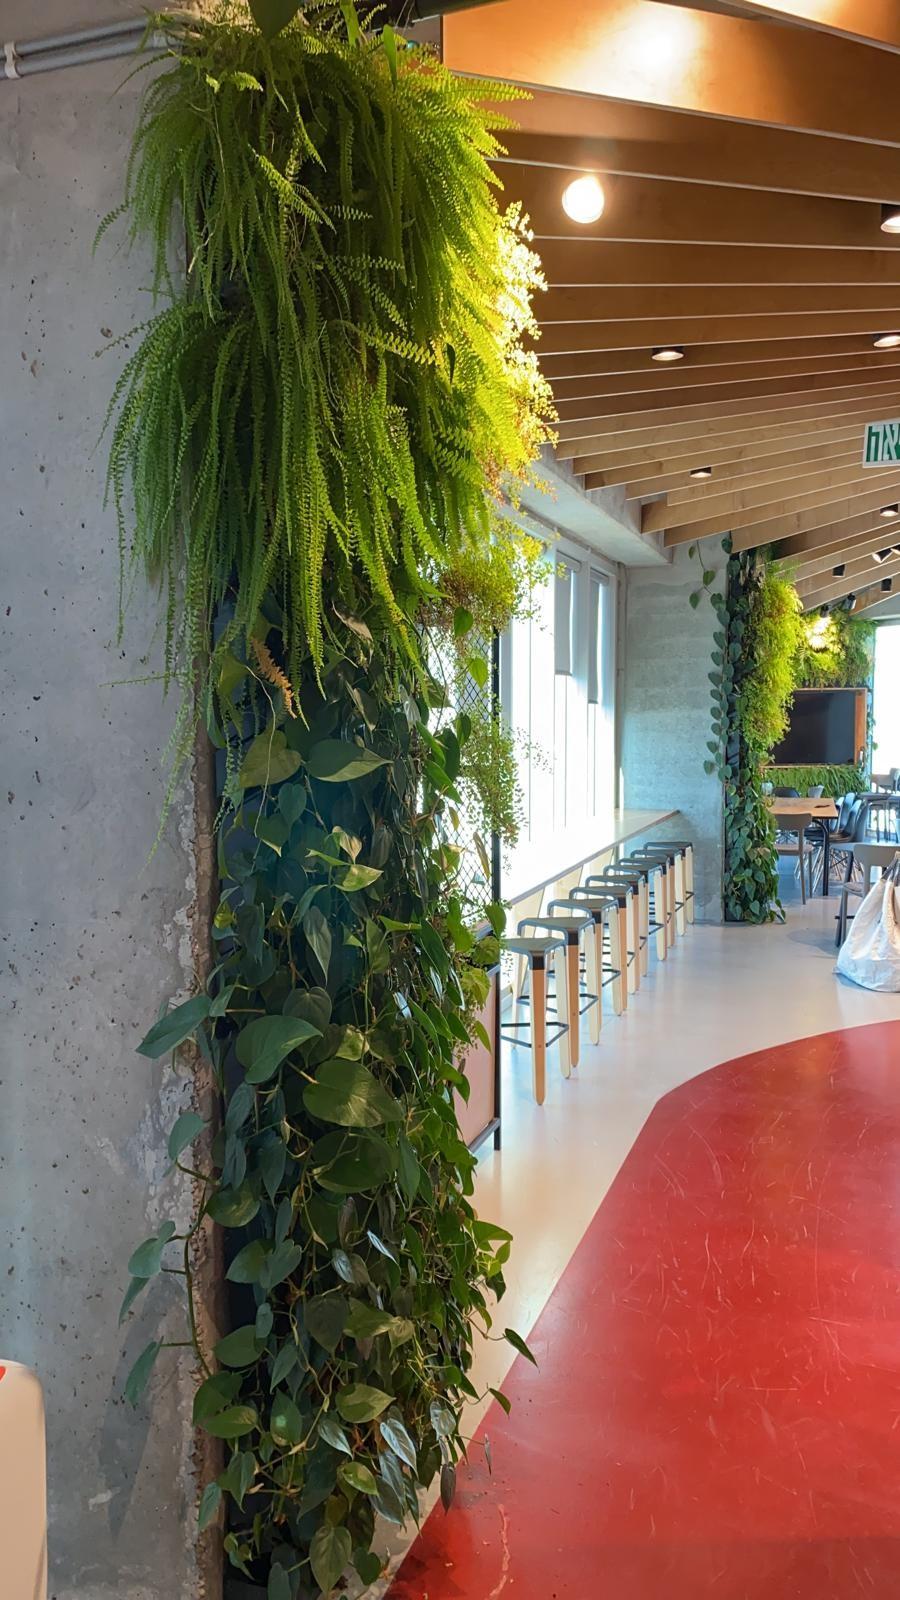 קיר ירוק בלב המשרד…